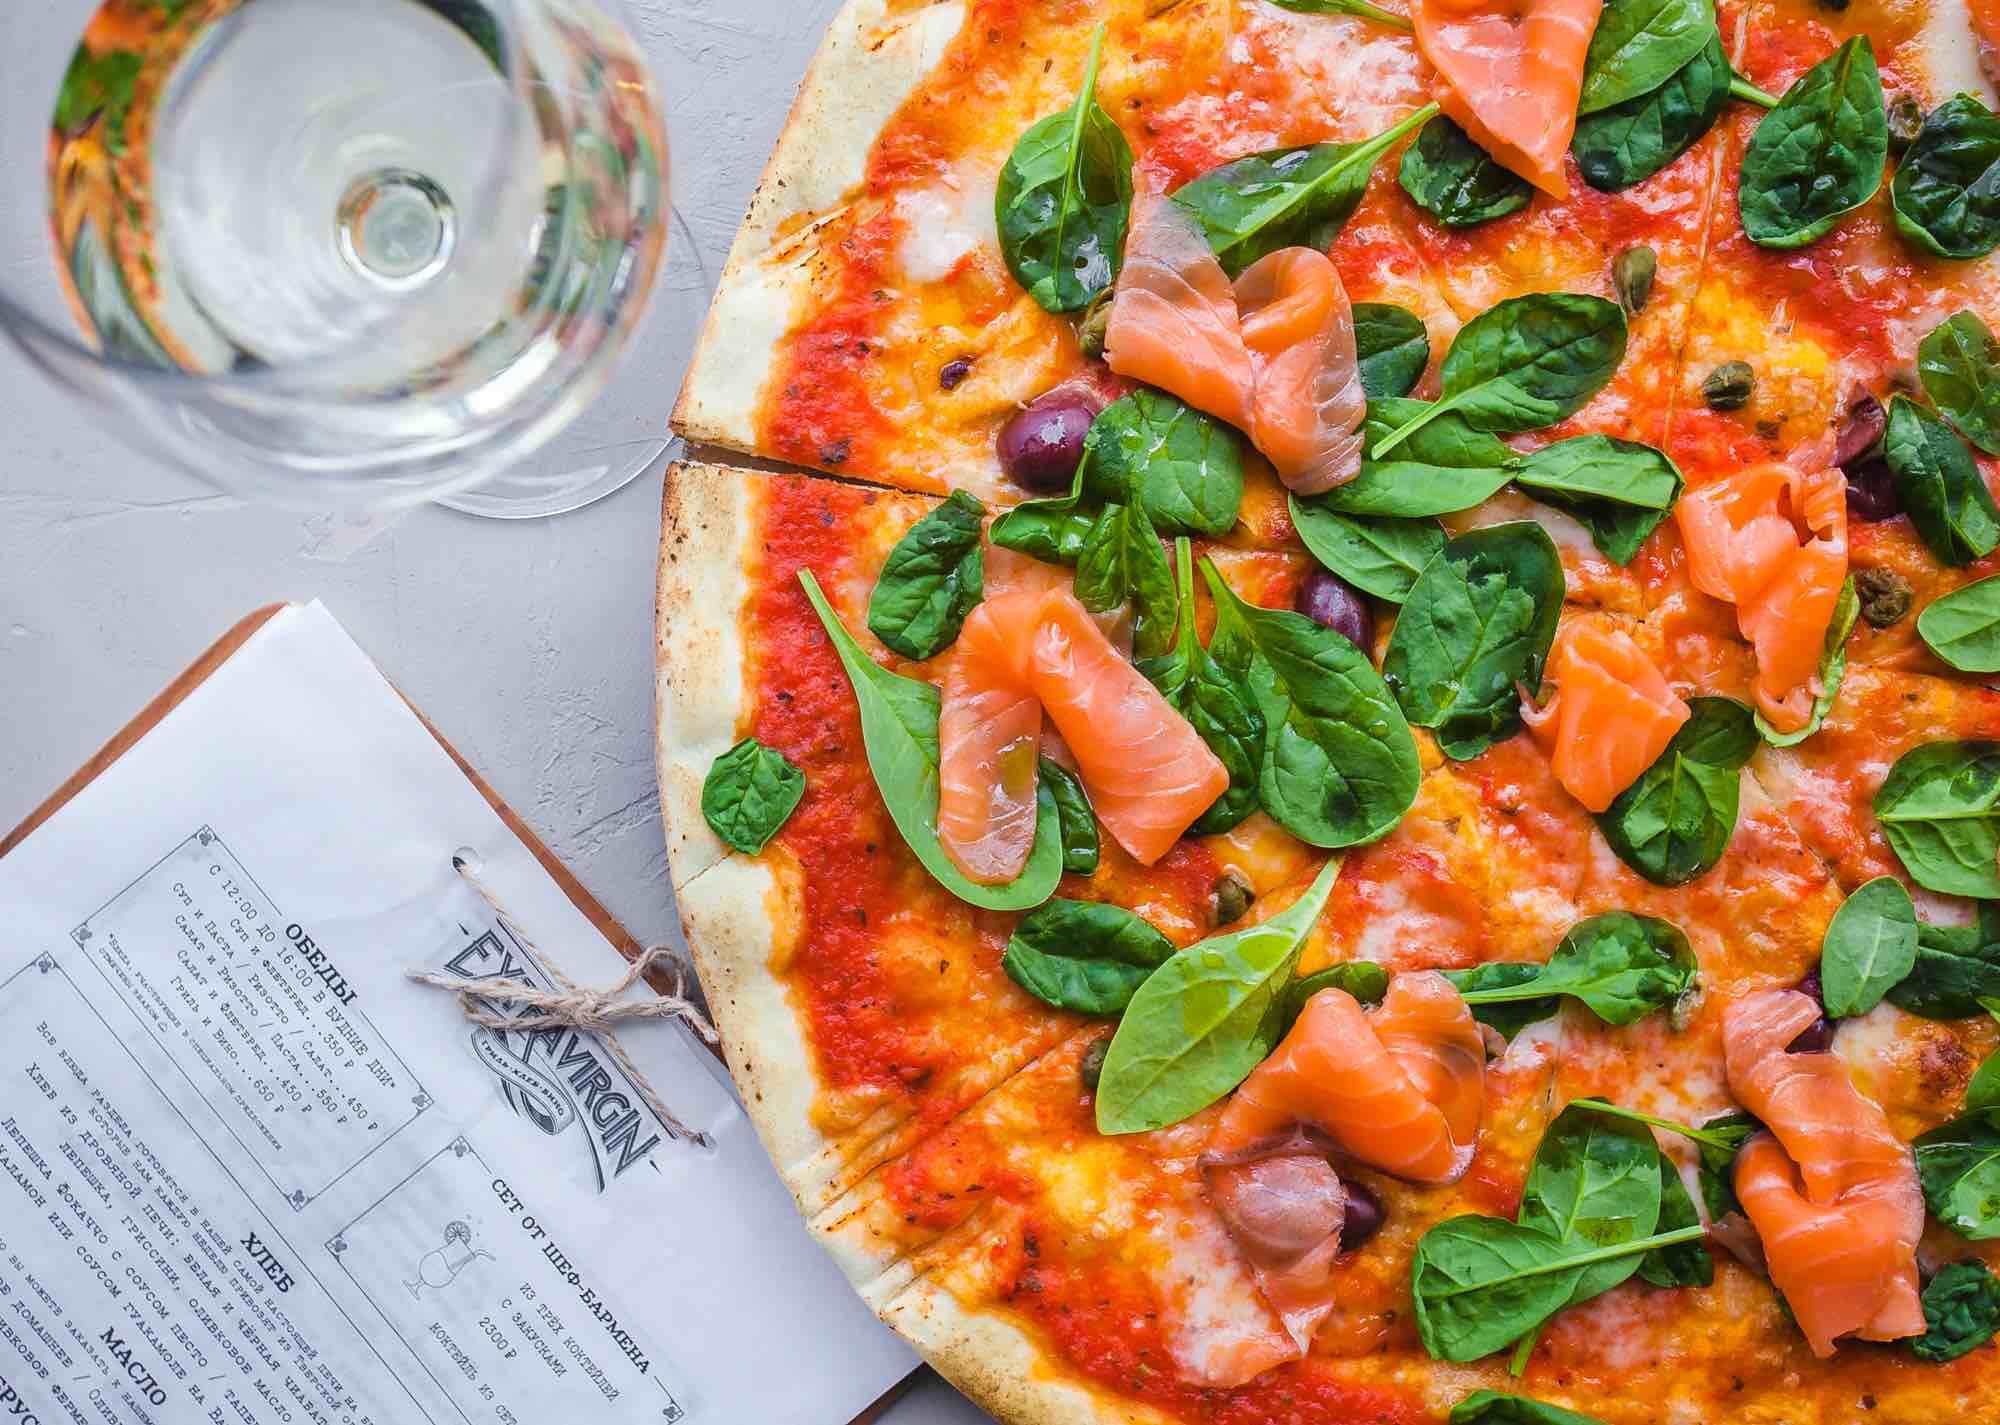 Пицца с рыбой: рецепт приготовления, ингредиенты : labuda.blog пицца с рыбой: рецепт приготовления, ингредиенты — «лабуда» информационно-развлекательный интернет журнал